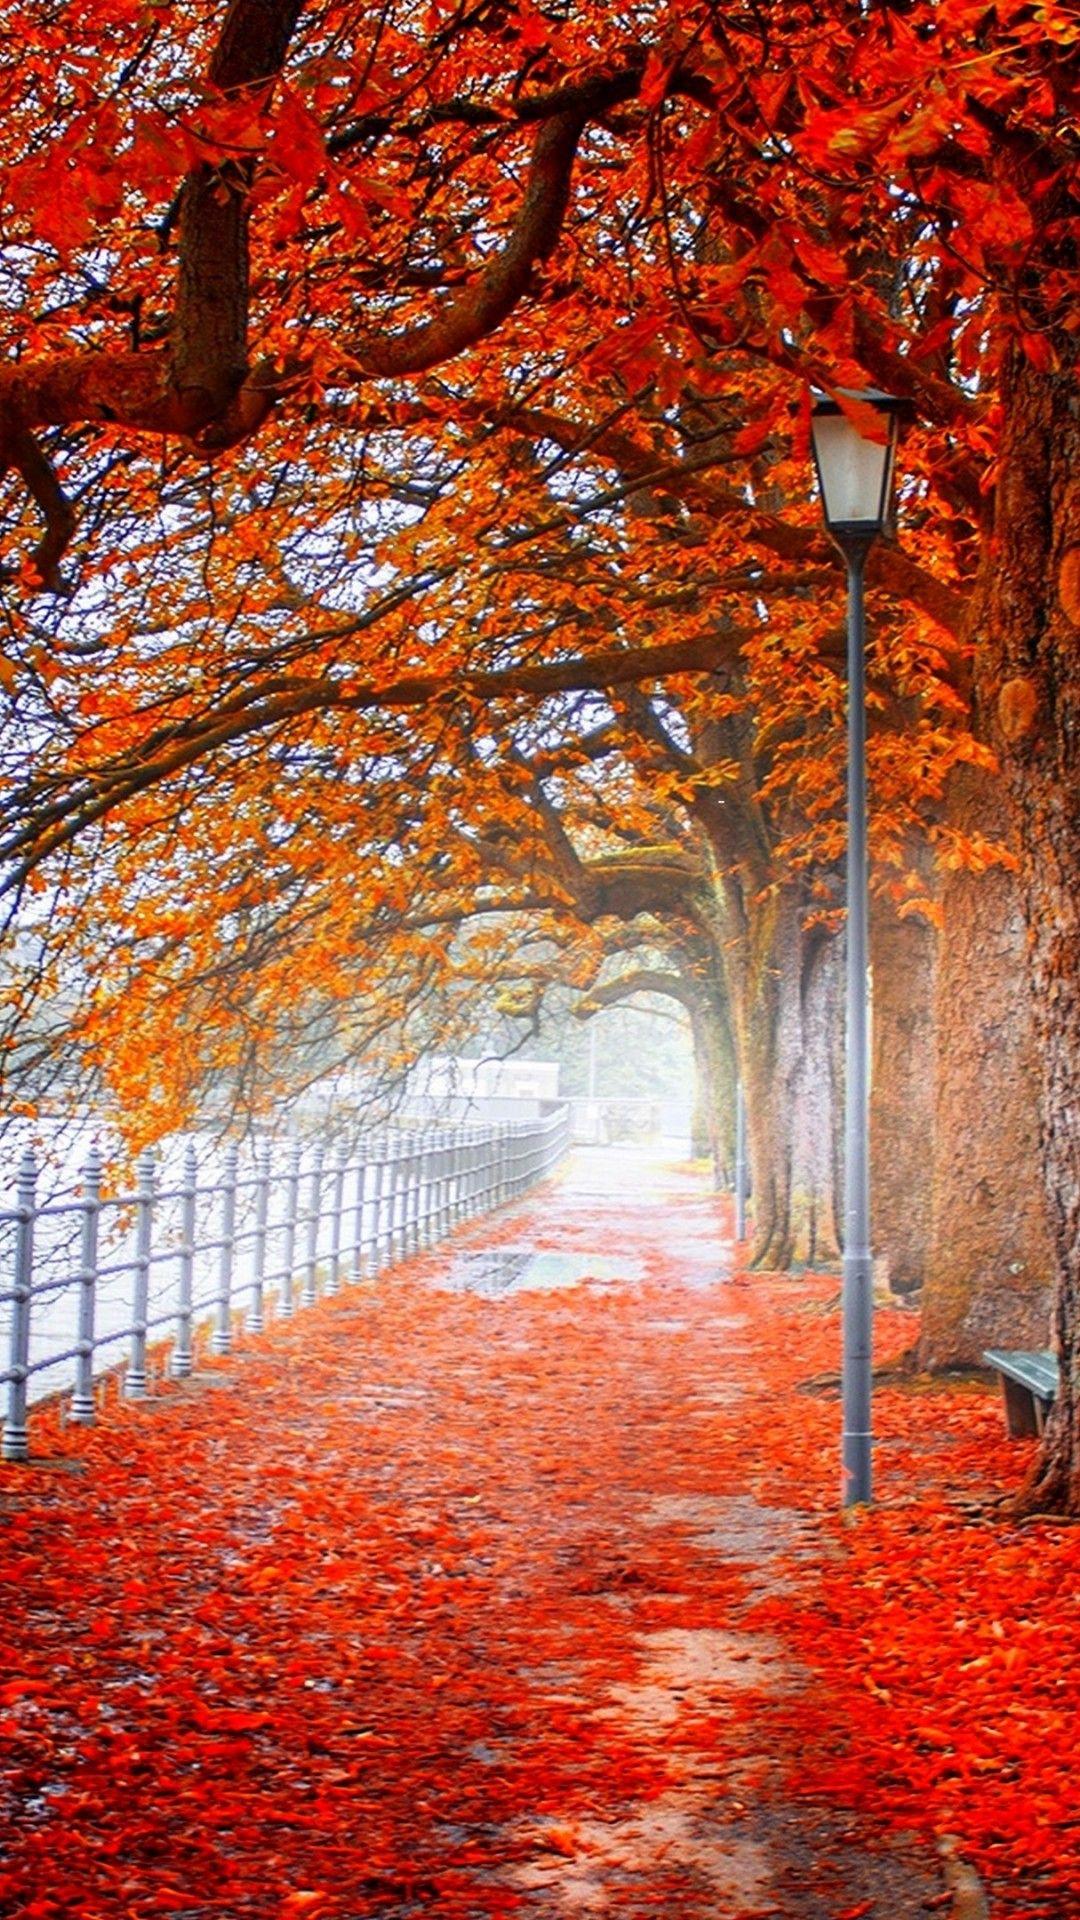 Autmn Landscape 4k Ultra Hd Wallpaper 4k Wallpaper Net Iphone Wallpaper Photography Landscape Wallpaper Landscape